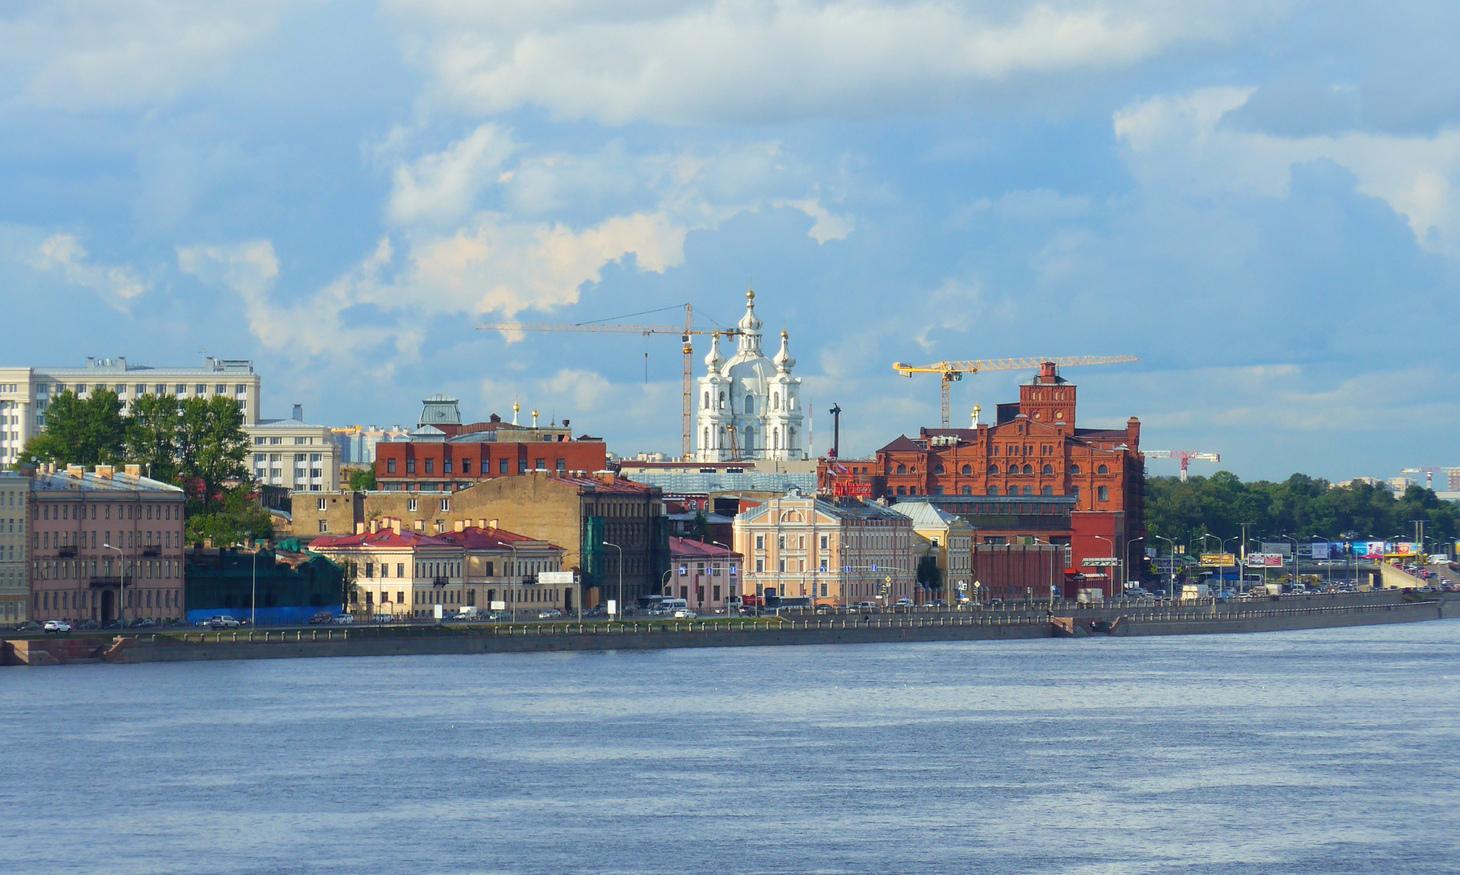 Санкт-Петербург | St.Petersburg